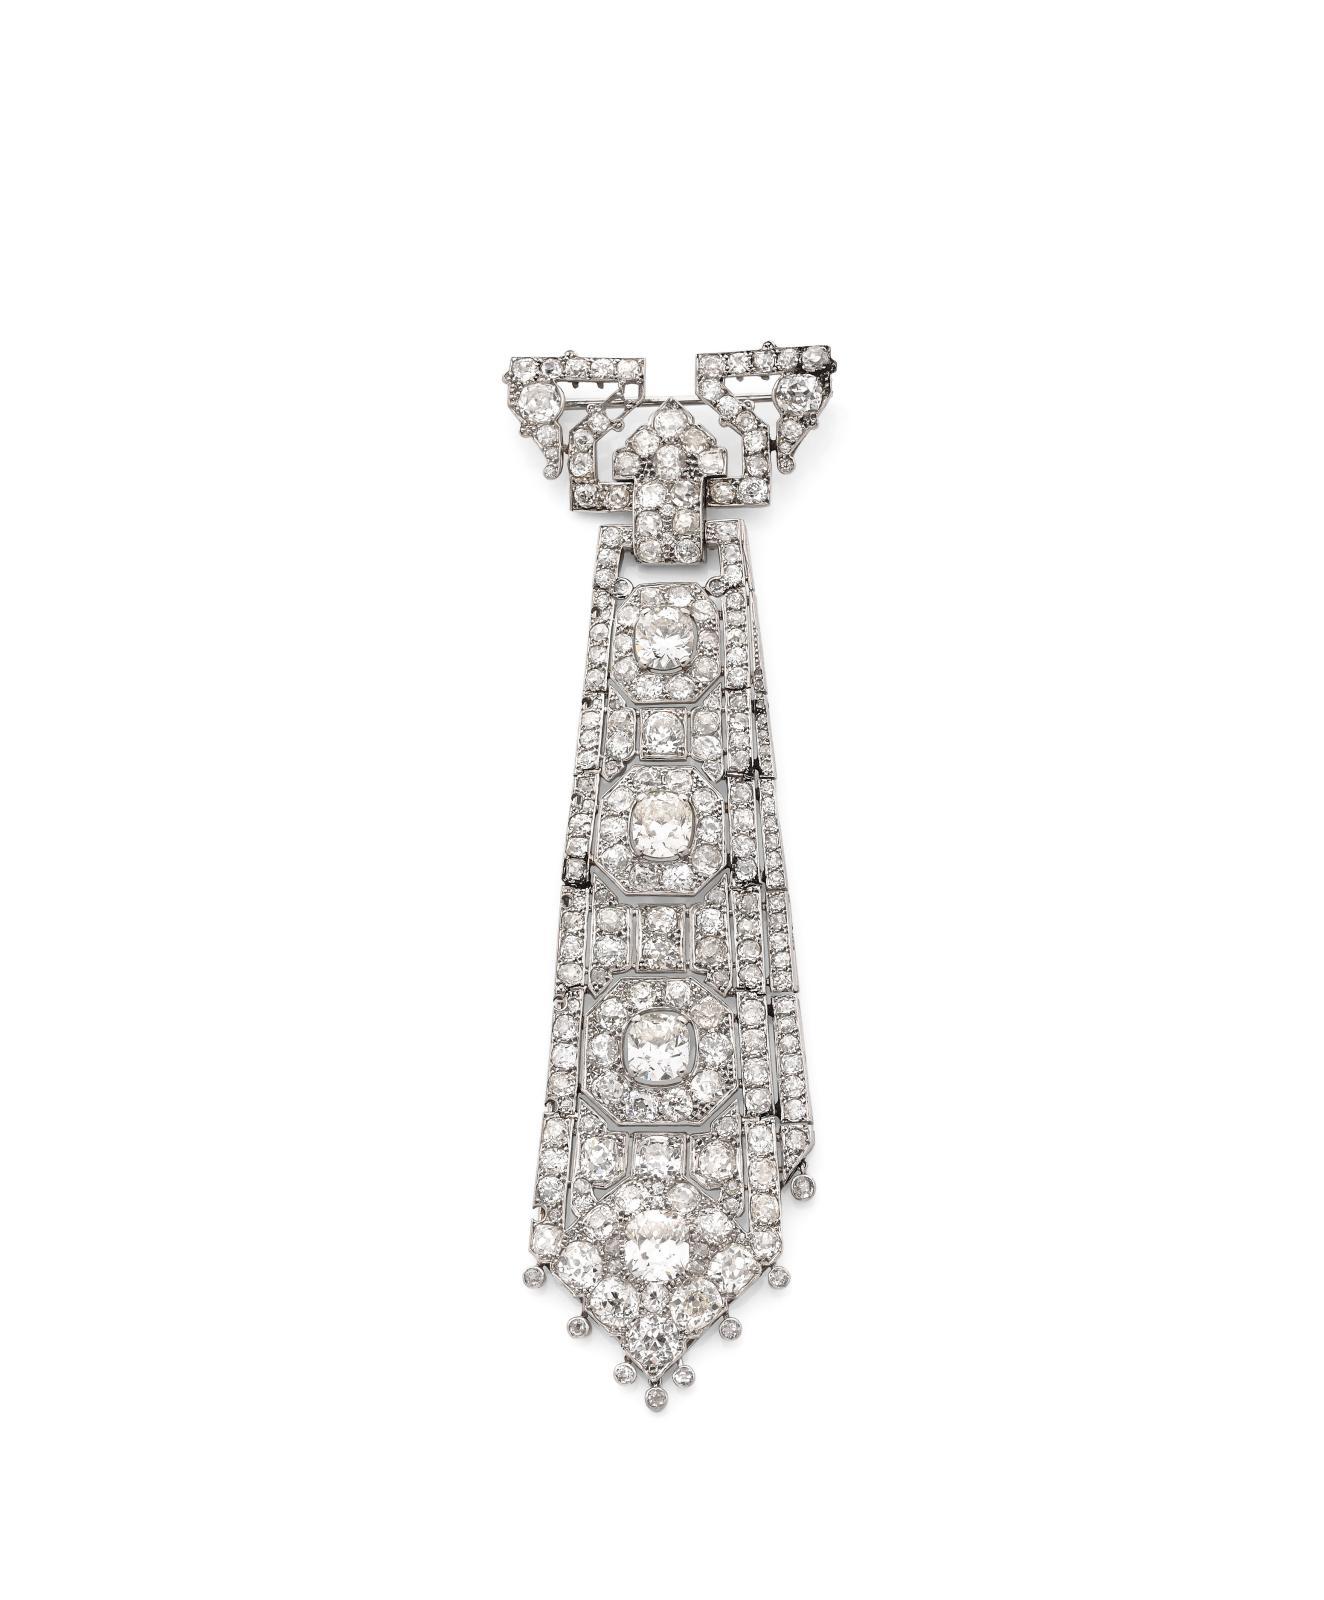 107610€ s'affichaient pour cette création de Cartier des années1930. D'une hauteur d'environ 12cm, d'un poids brut de 35,10g, cette broche cravat